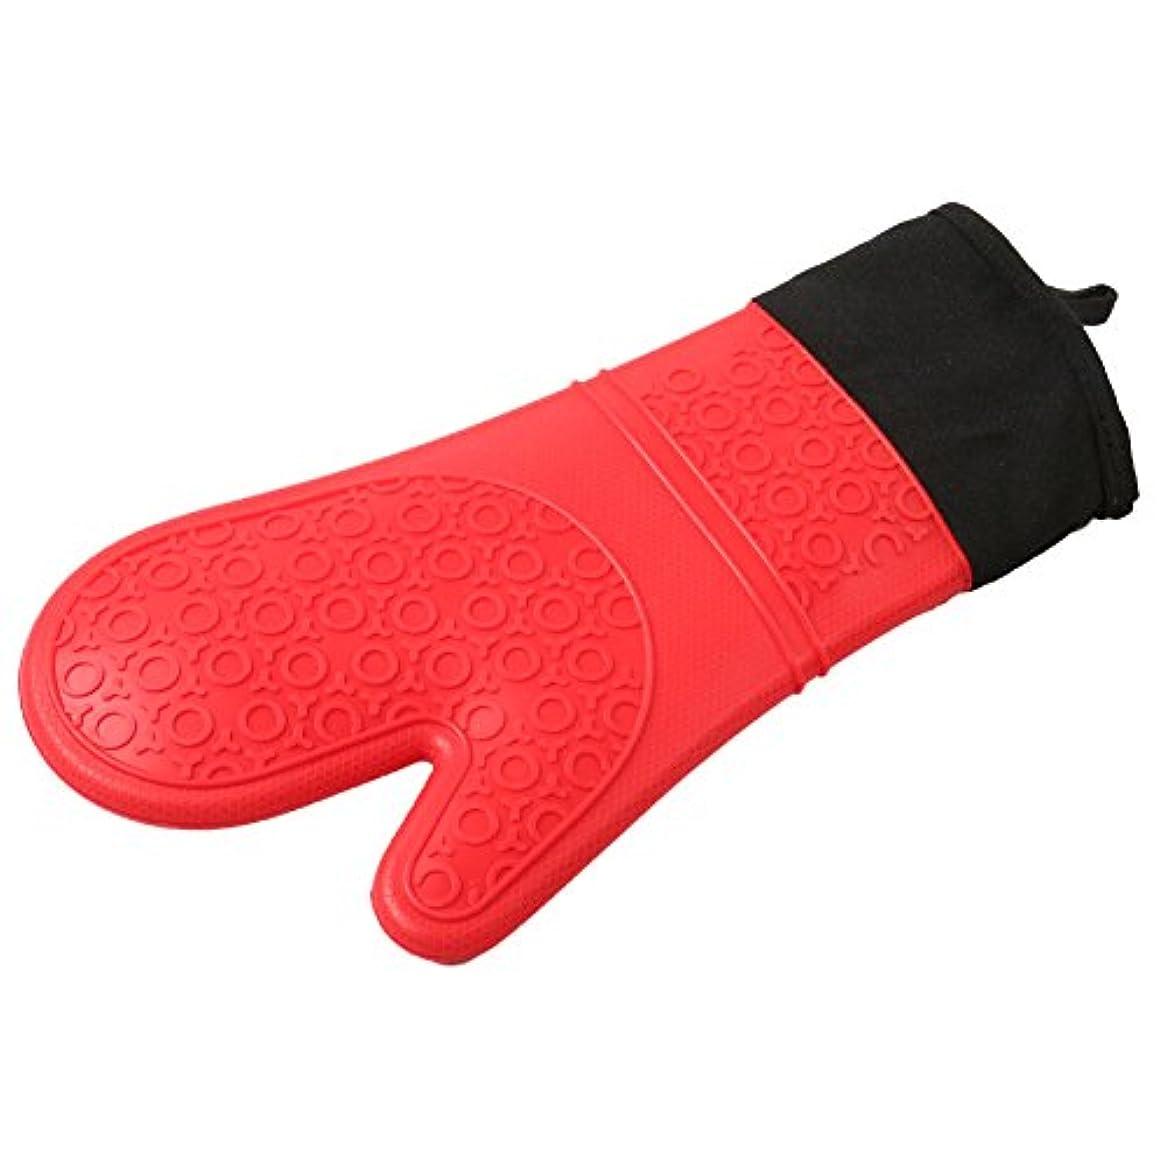 防止なぞらえるおばさんOUYOU 耐熱グローブ シリコンチェック 耐熱温度300℃ キッチングローブ オーブンミトン シリコン手袋 滑り止め クッキング用 フリーサイズ 2個セット